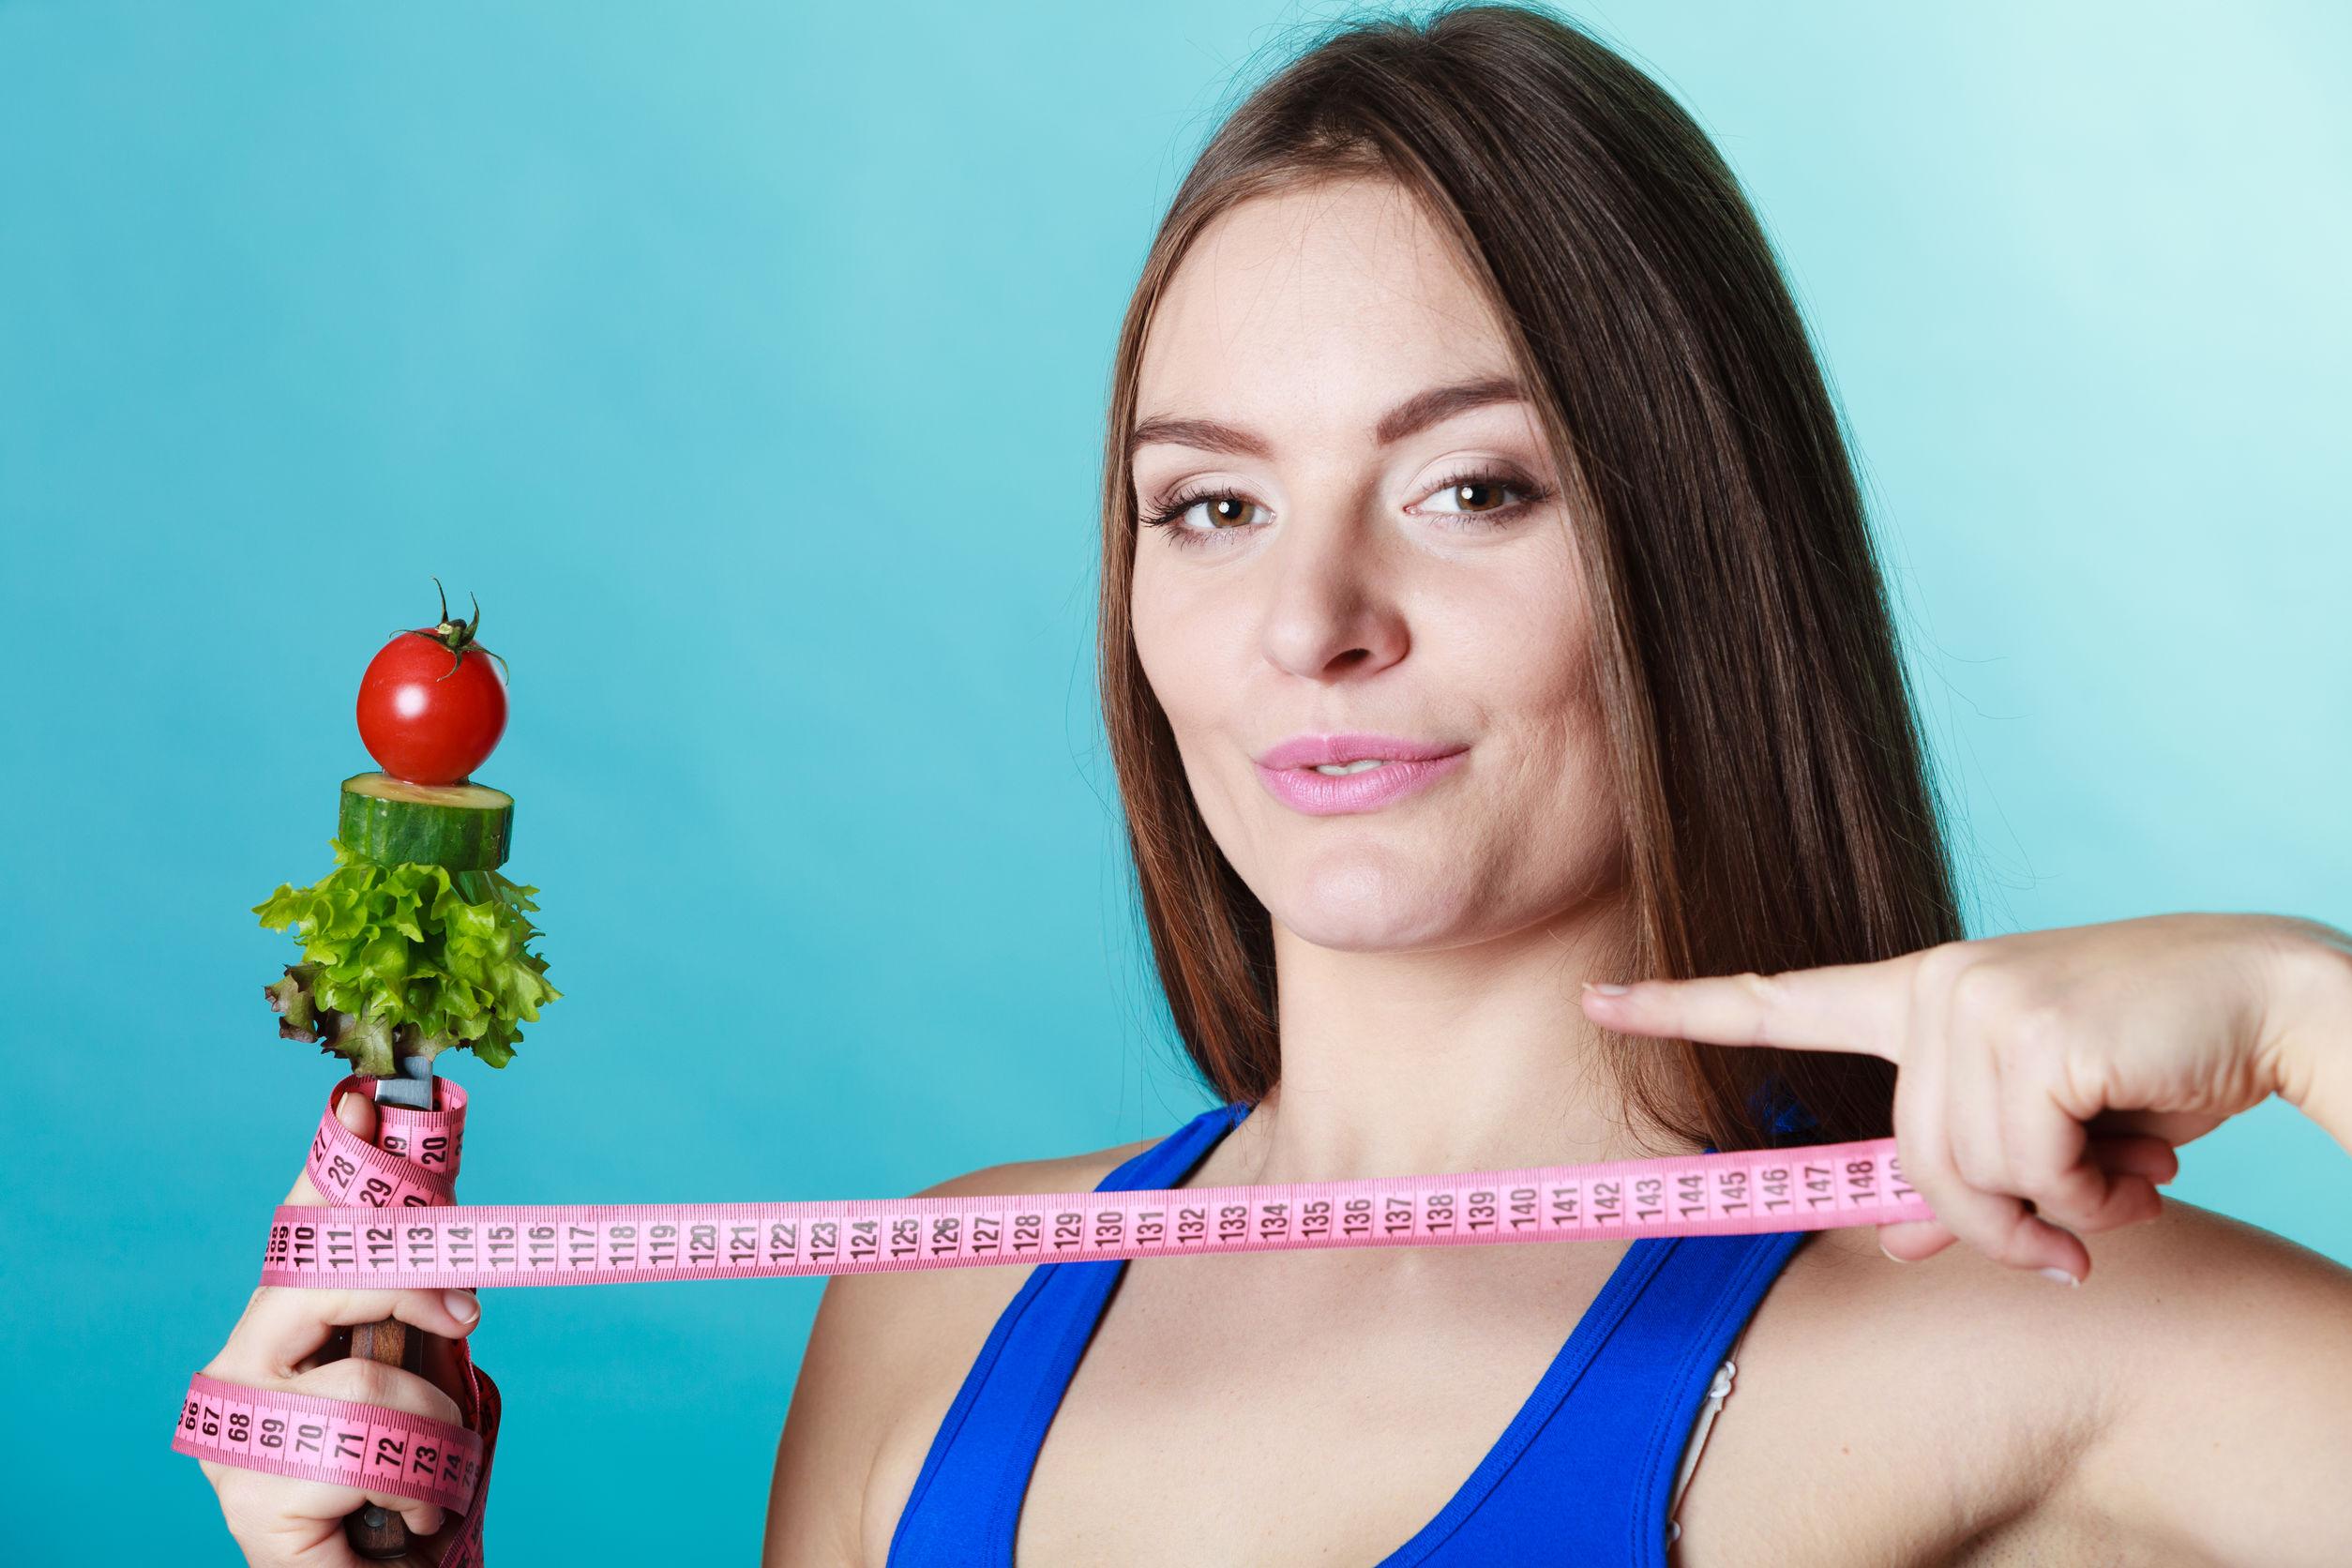 Ile możesz schudnąć w miesiąc